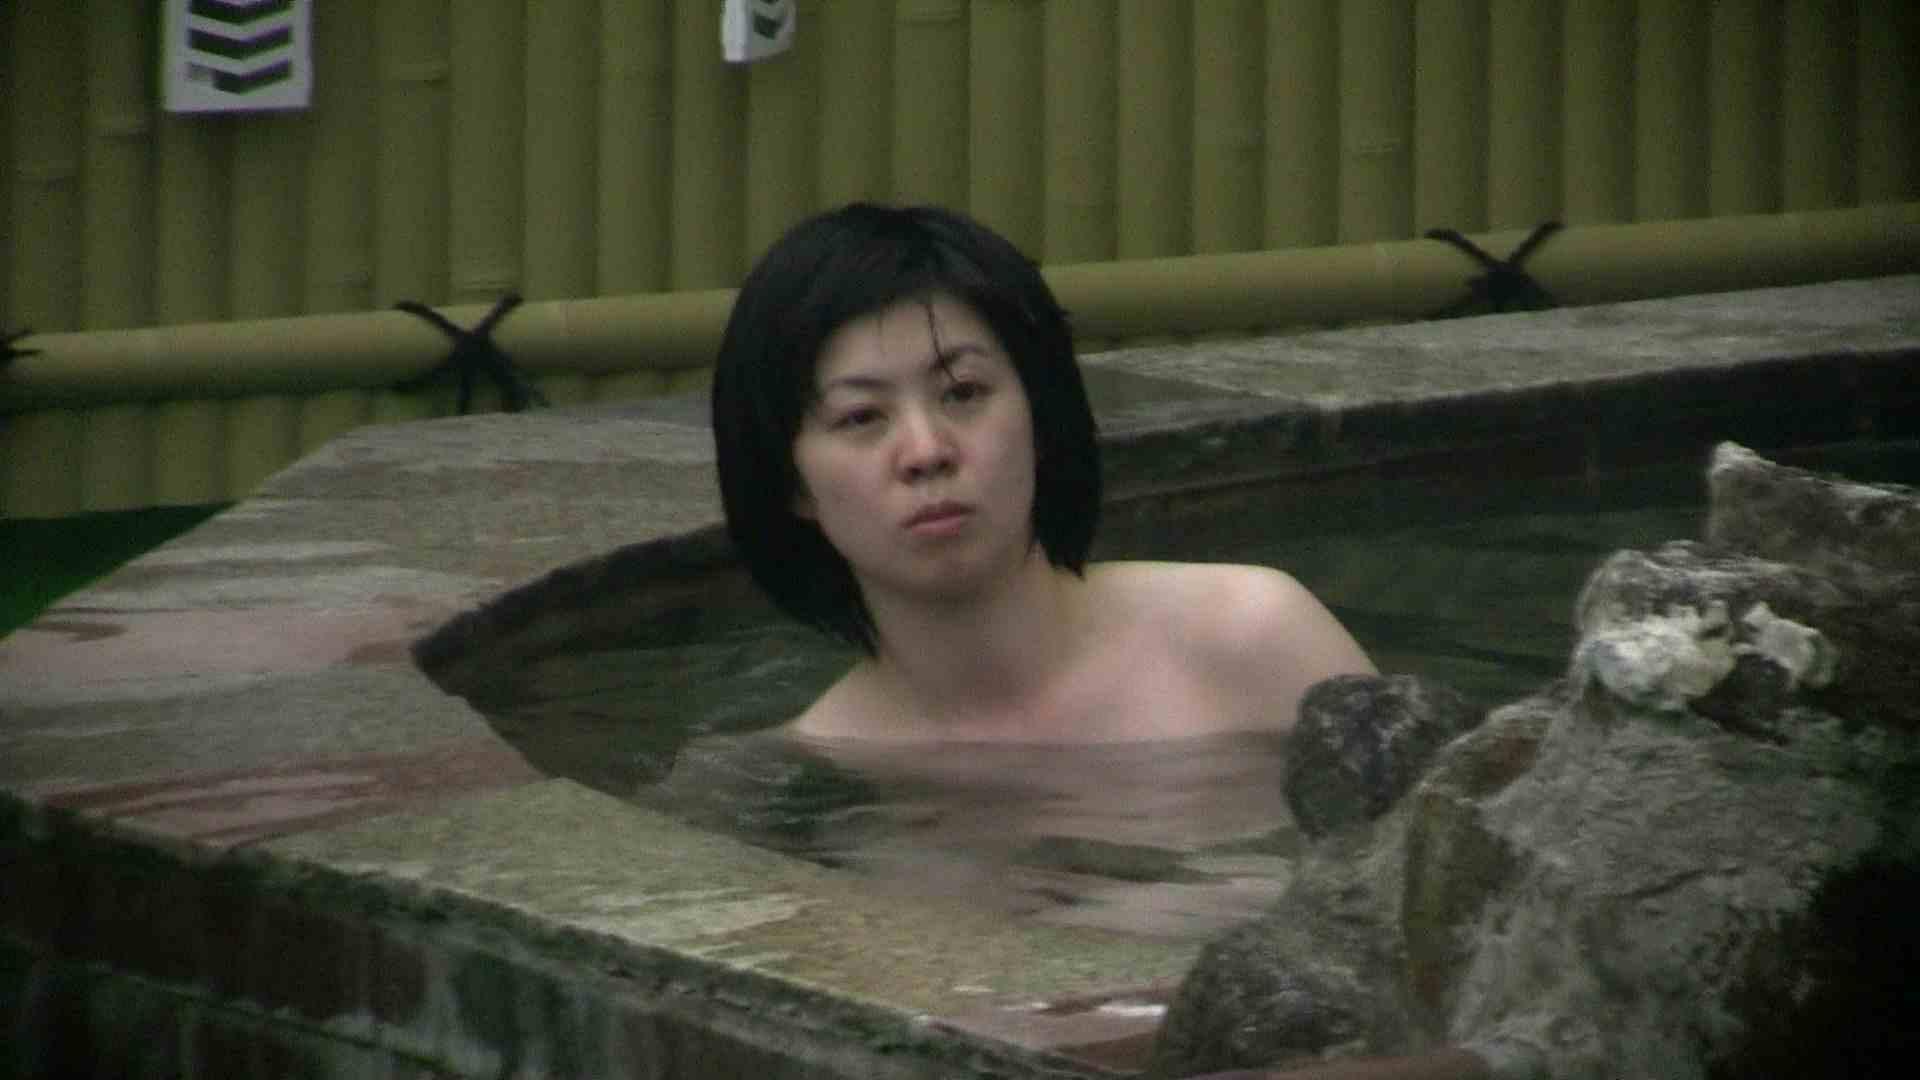 Aquaな露天風呂Vol.685 OLハメ撮り  42Pix 9